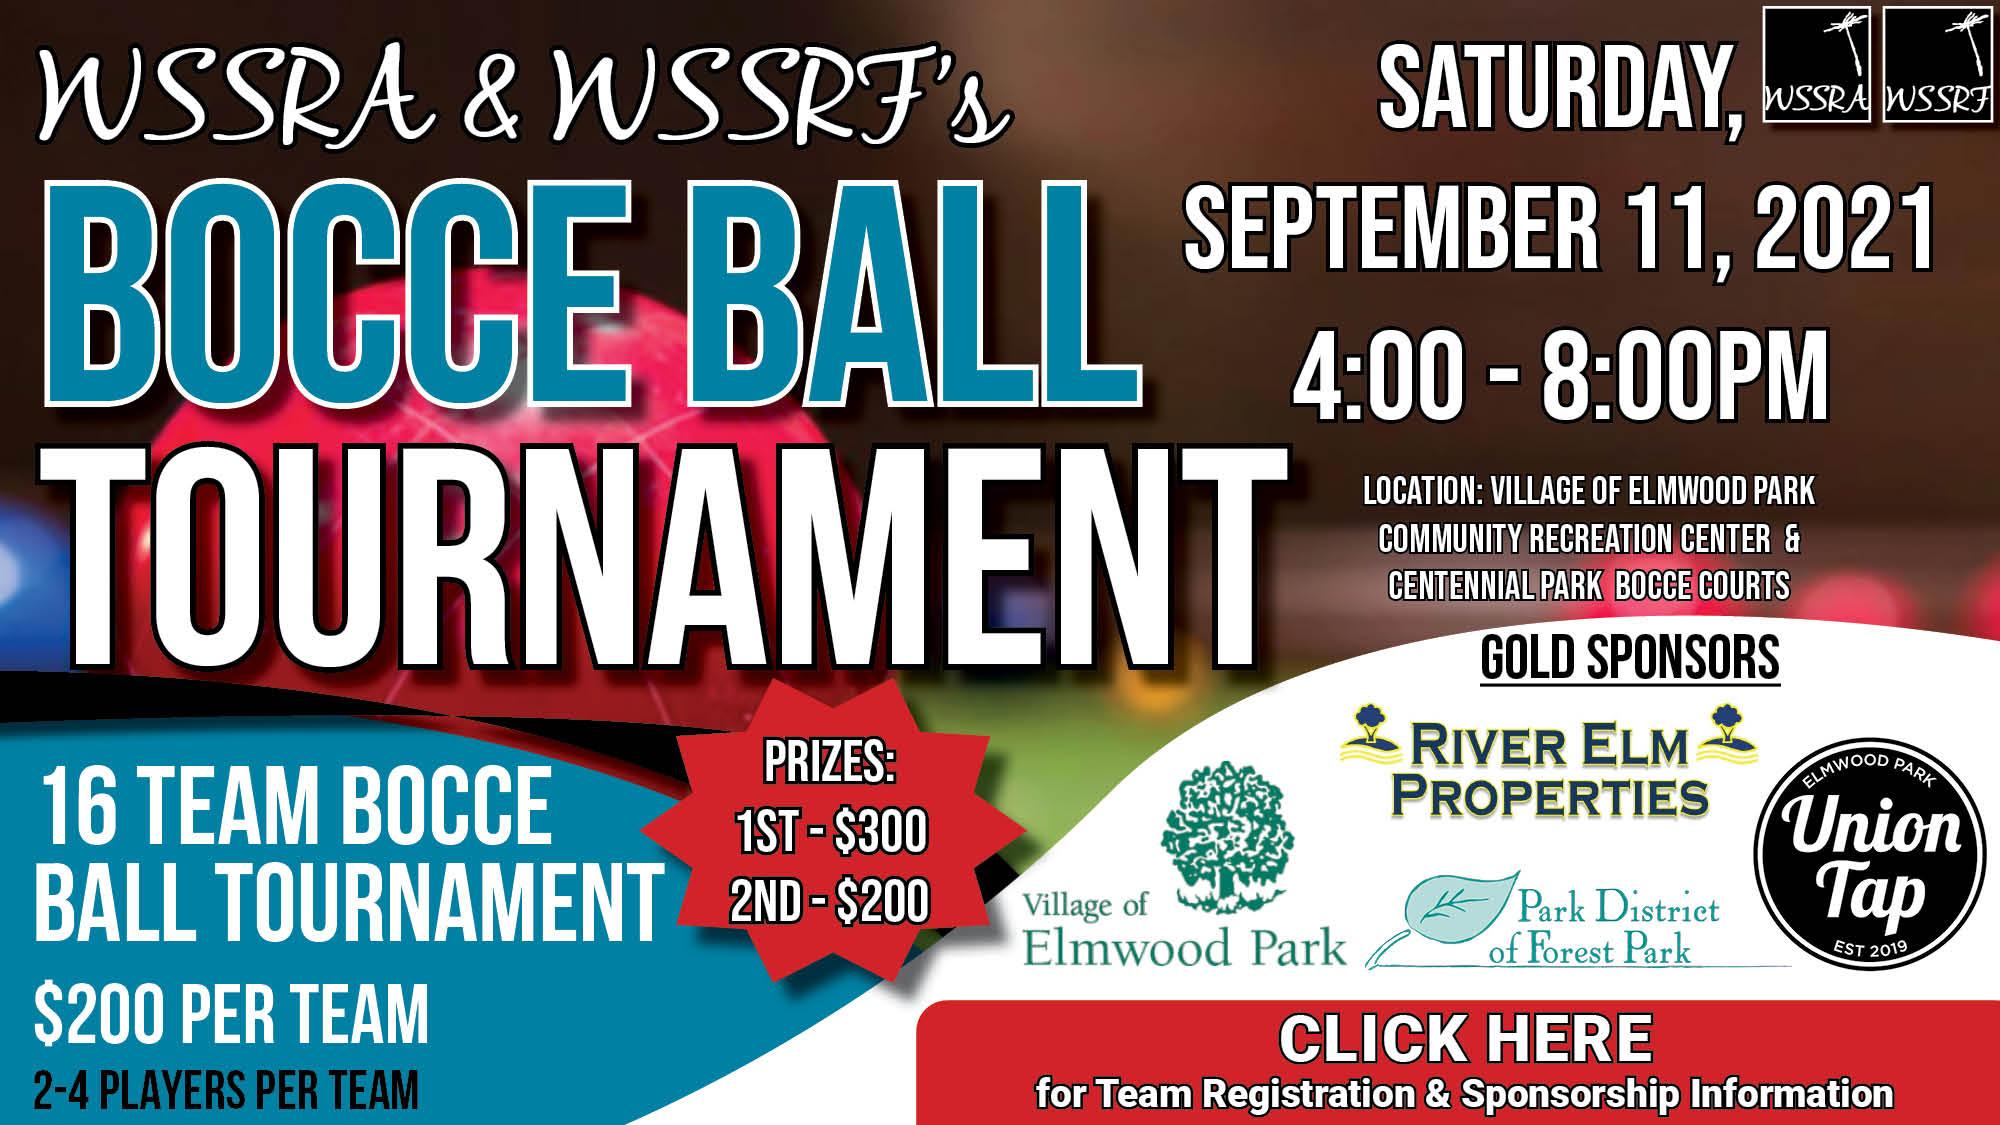 WSSRA & WSSRF'S Bocce Ball Tournament 2021